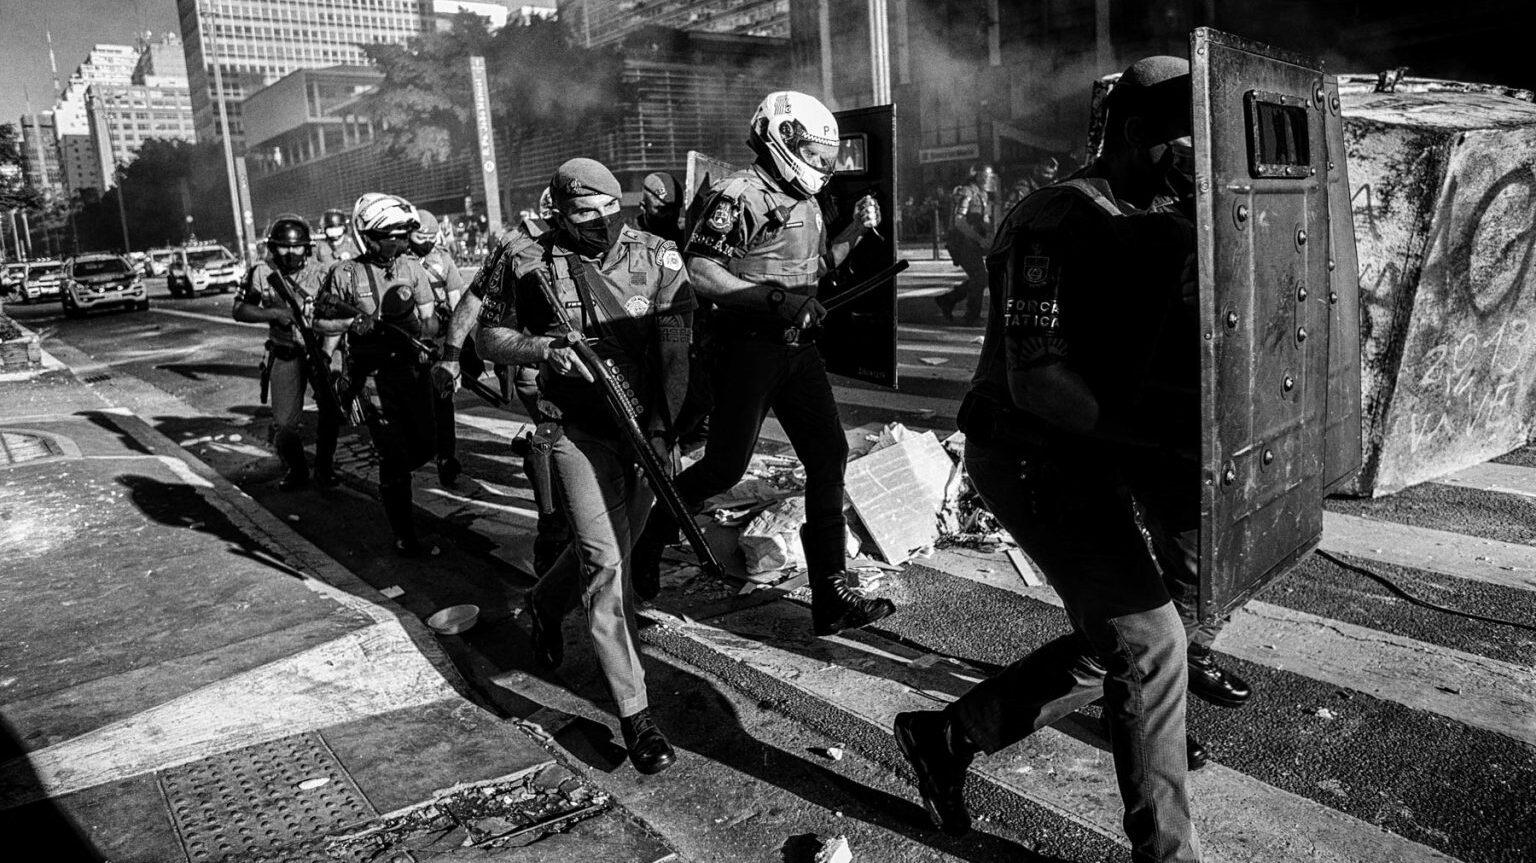 Il fascismo in Brasile/2. Diario alla vigilia di un possibile colpo di stato